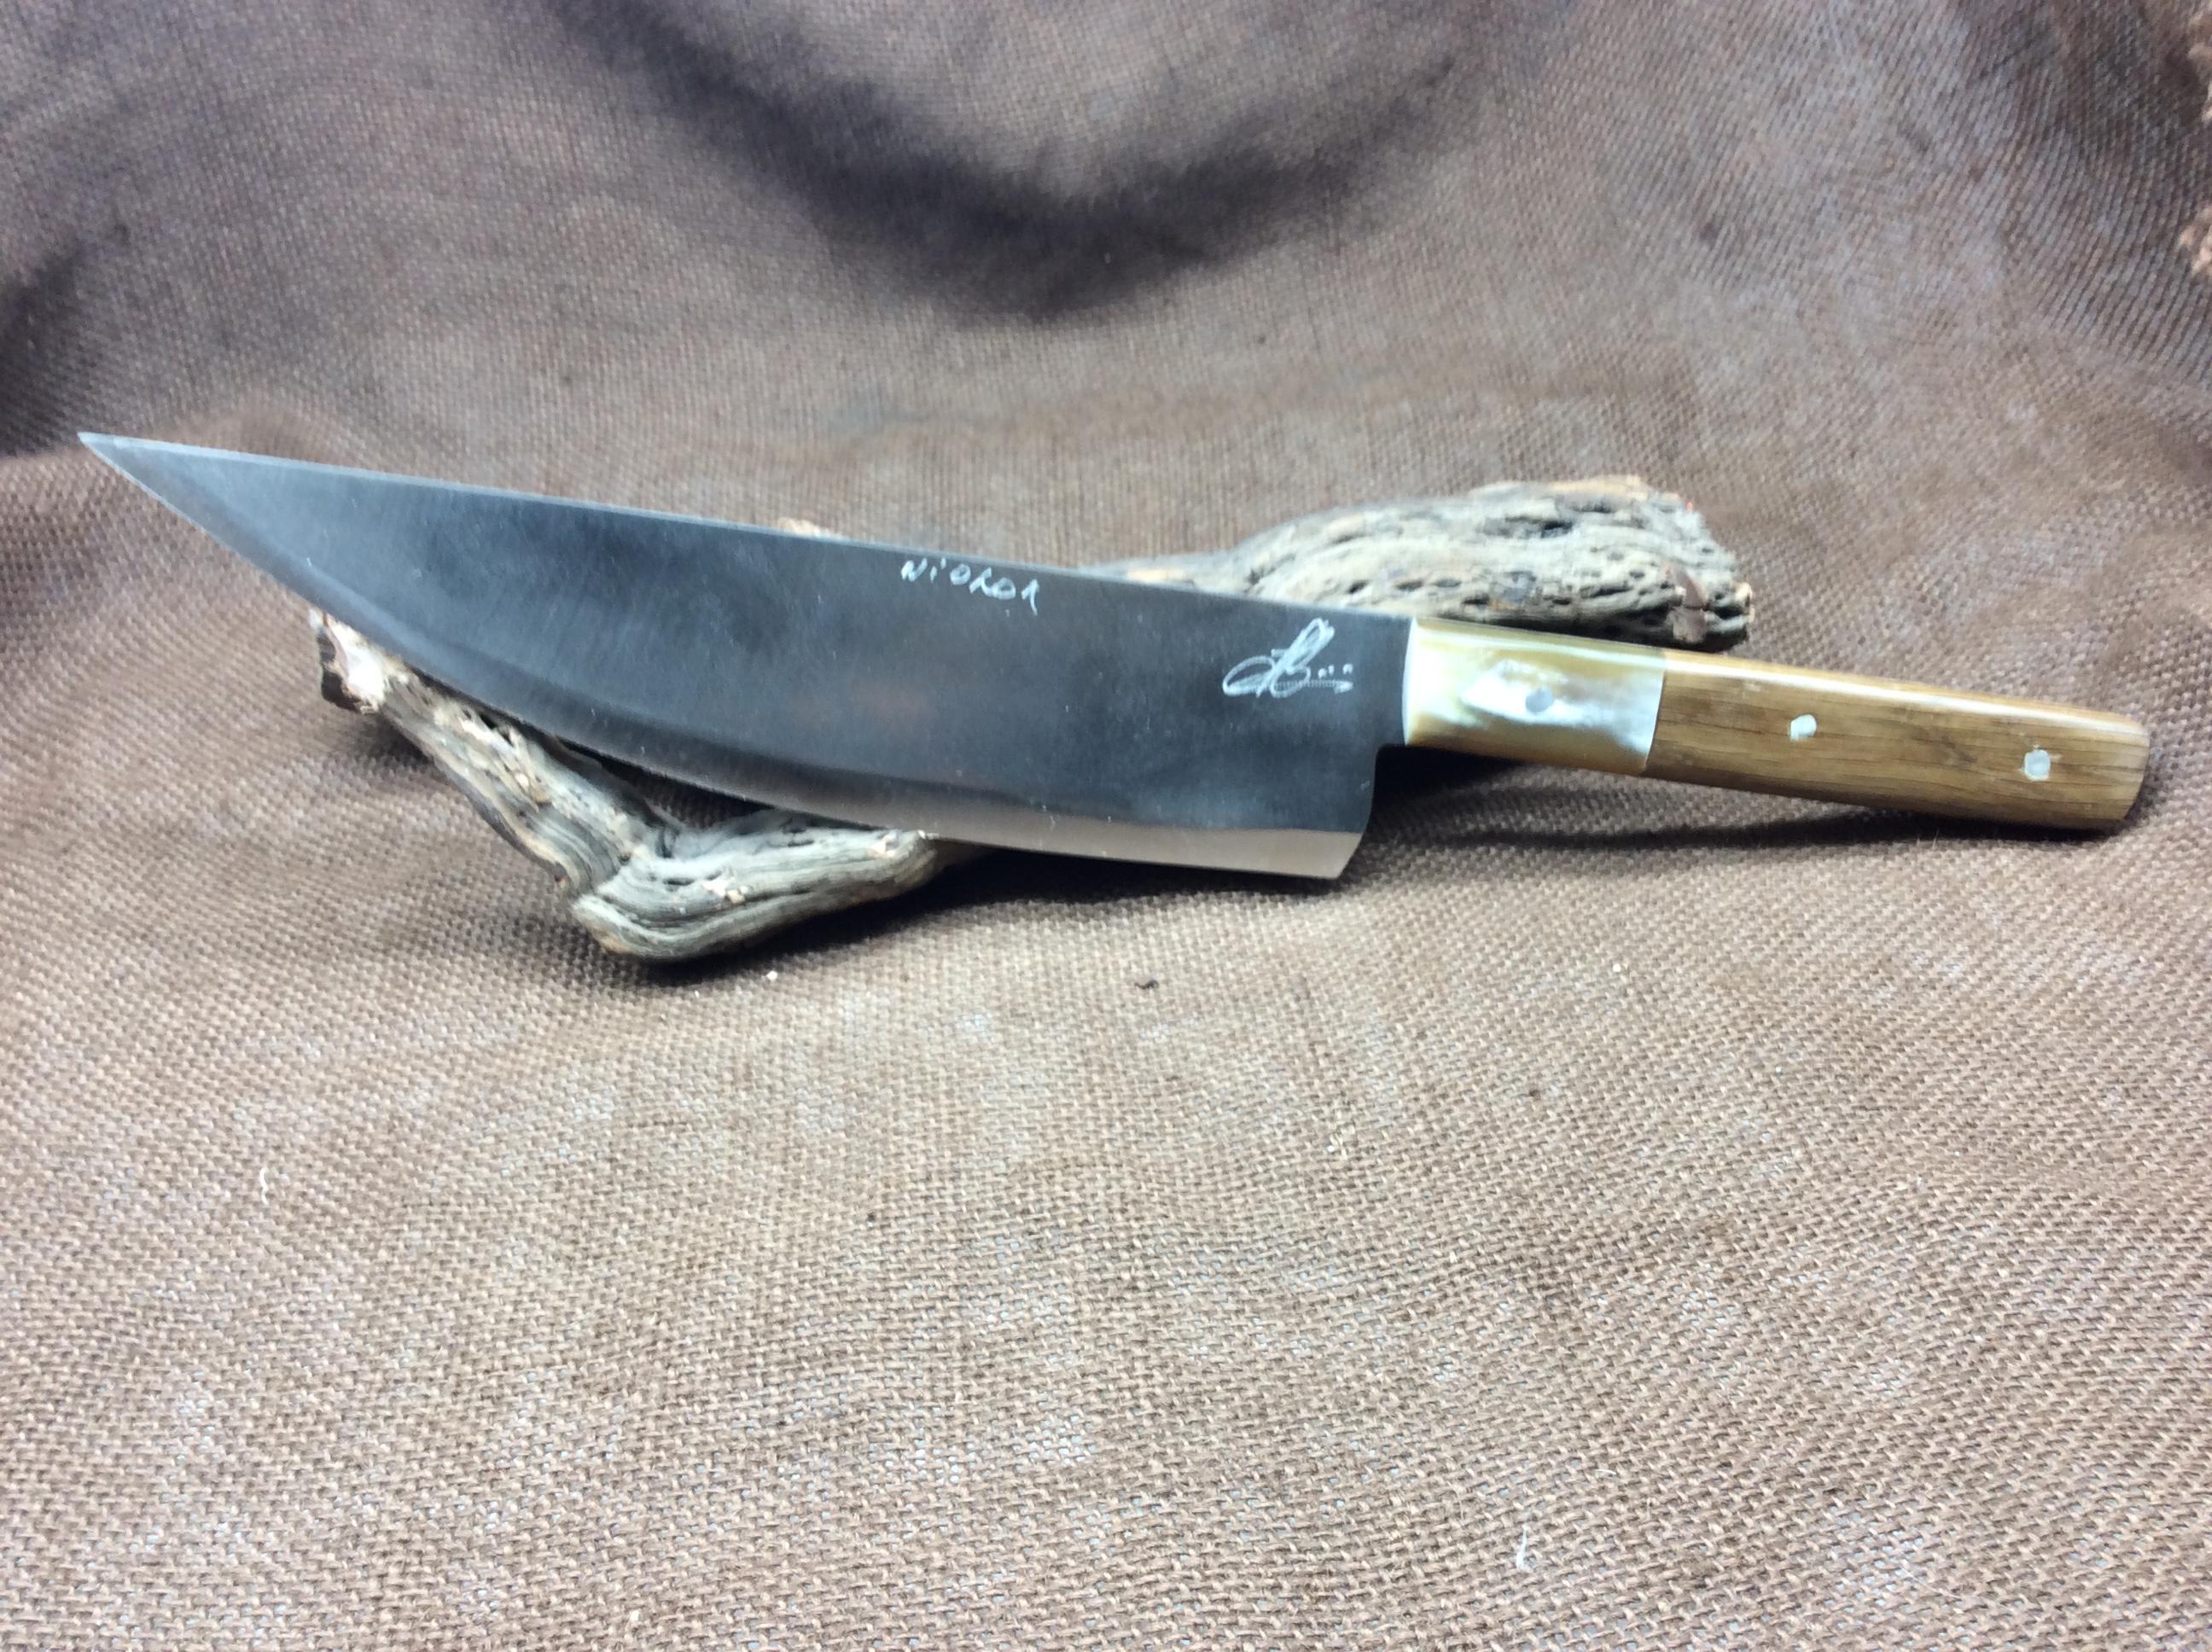 Couteau de Cuisine Ref C 1219/14